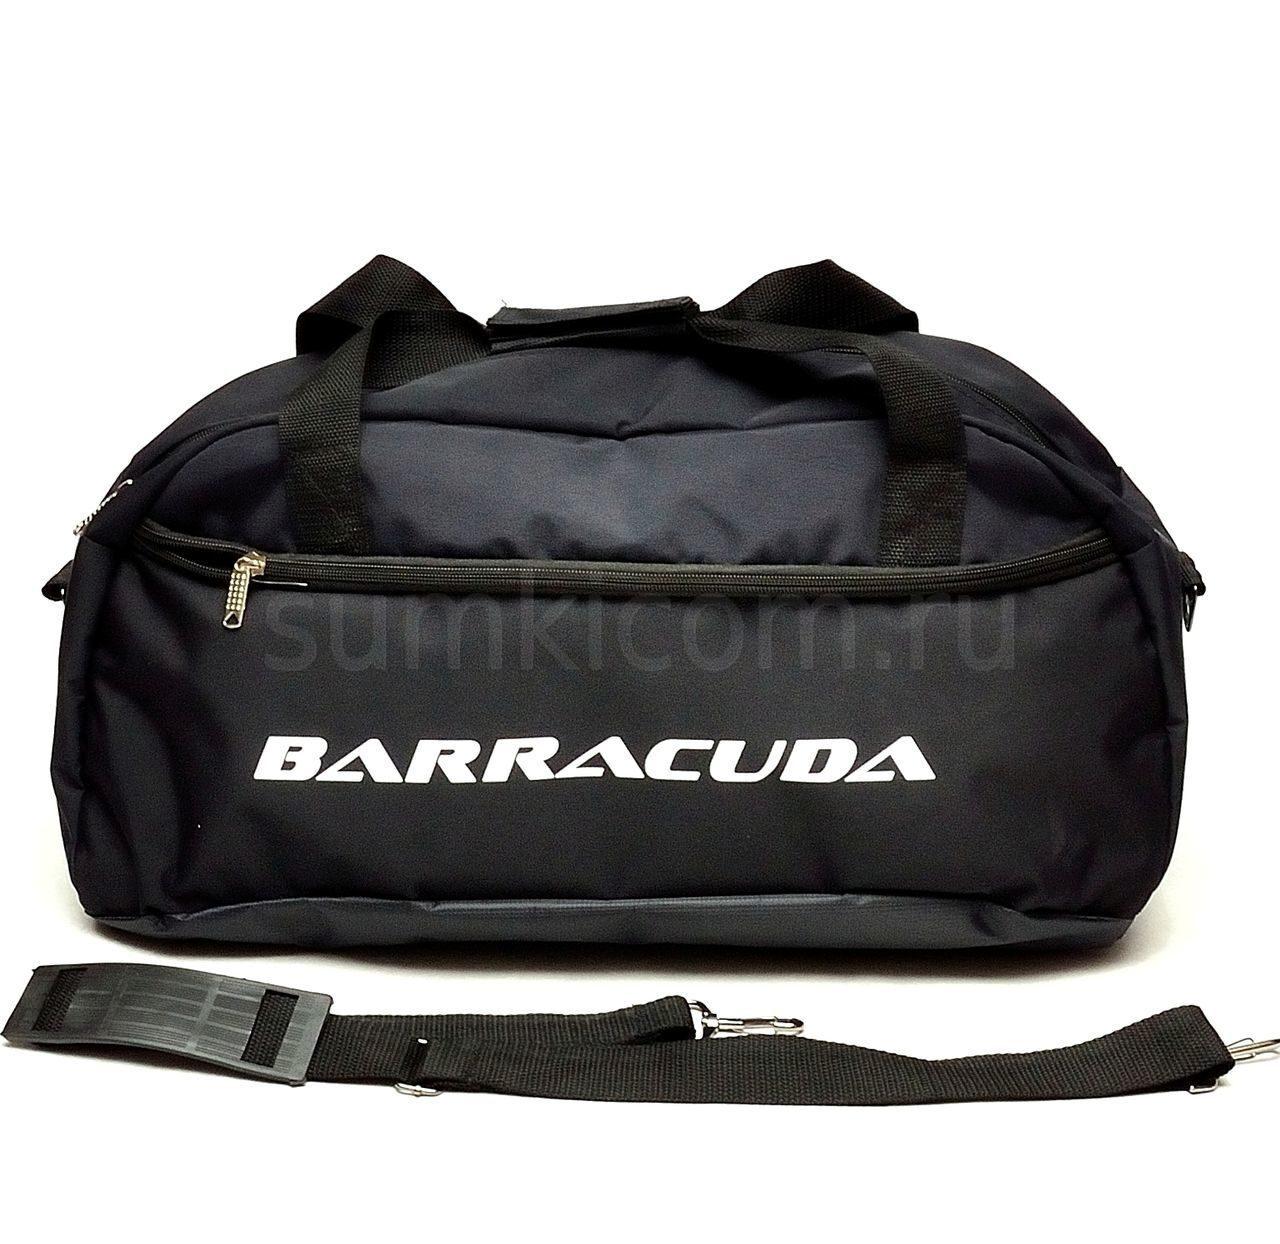 спортивные сумки для фитнеса женские купить москва